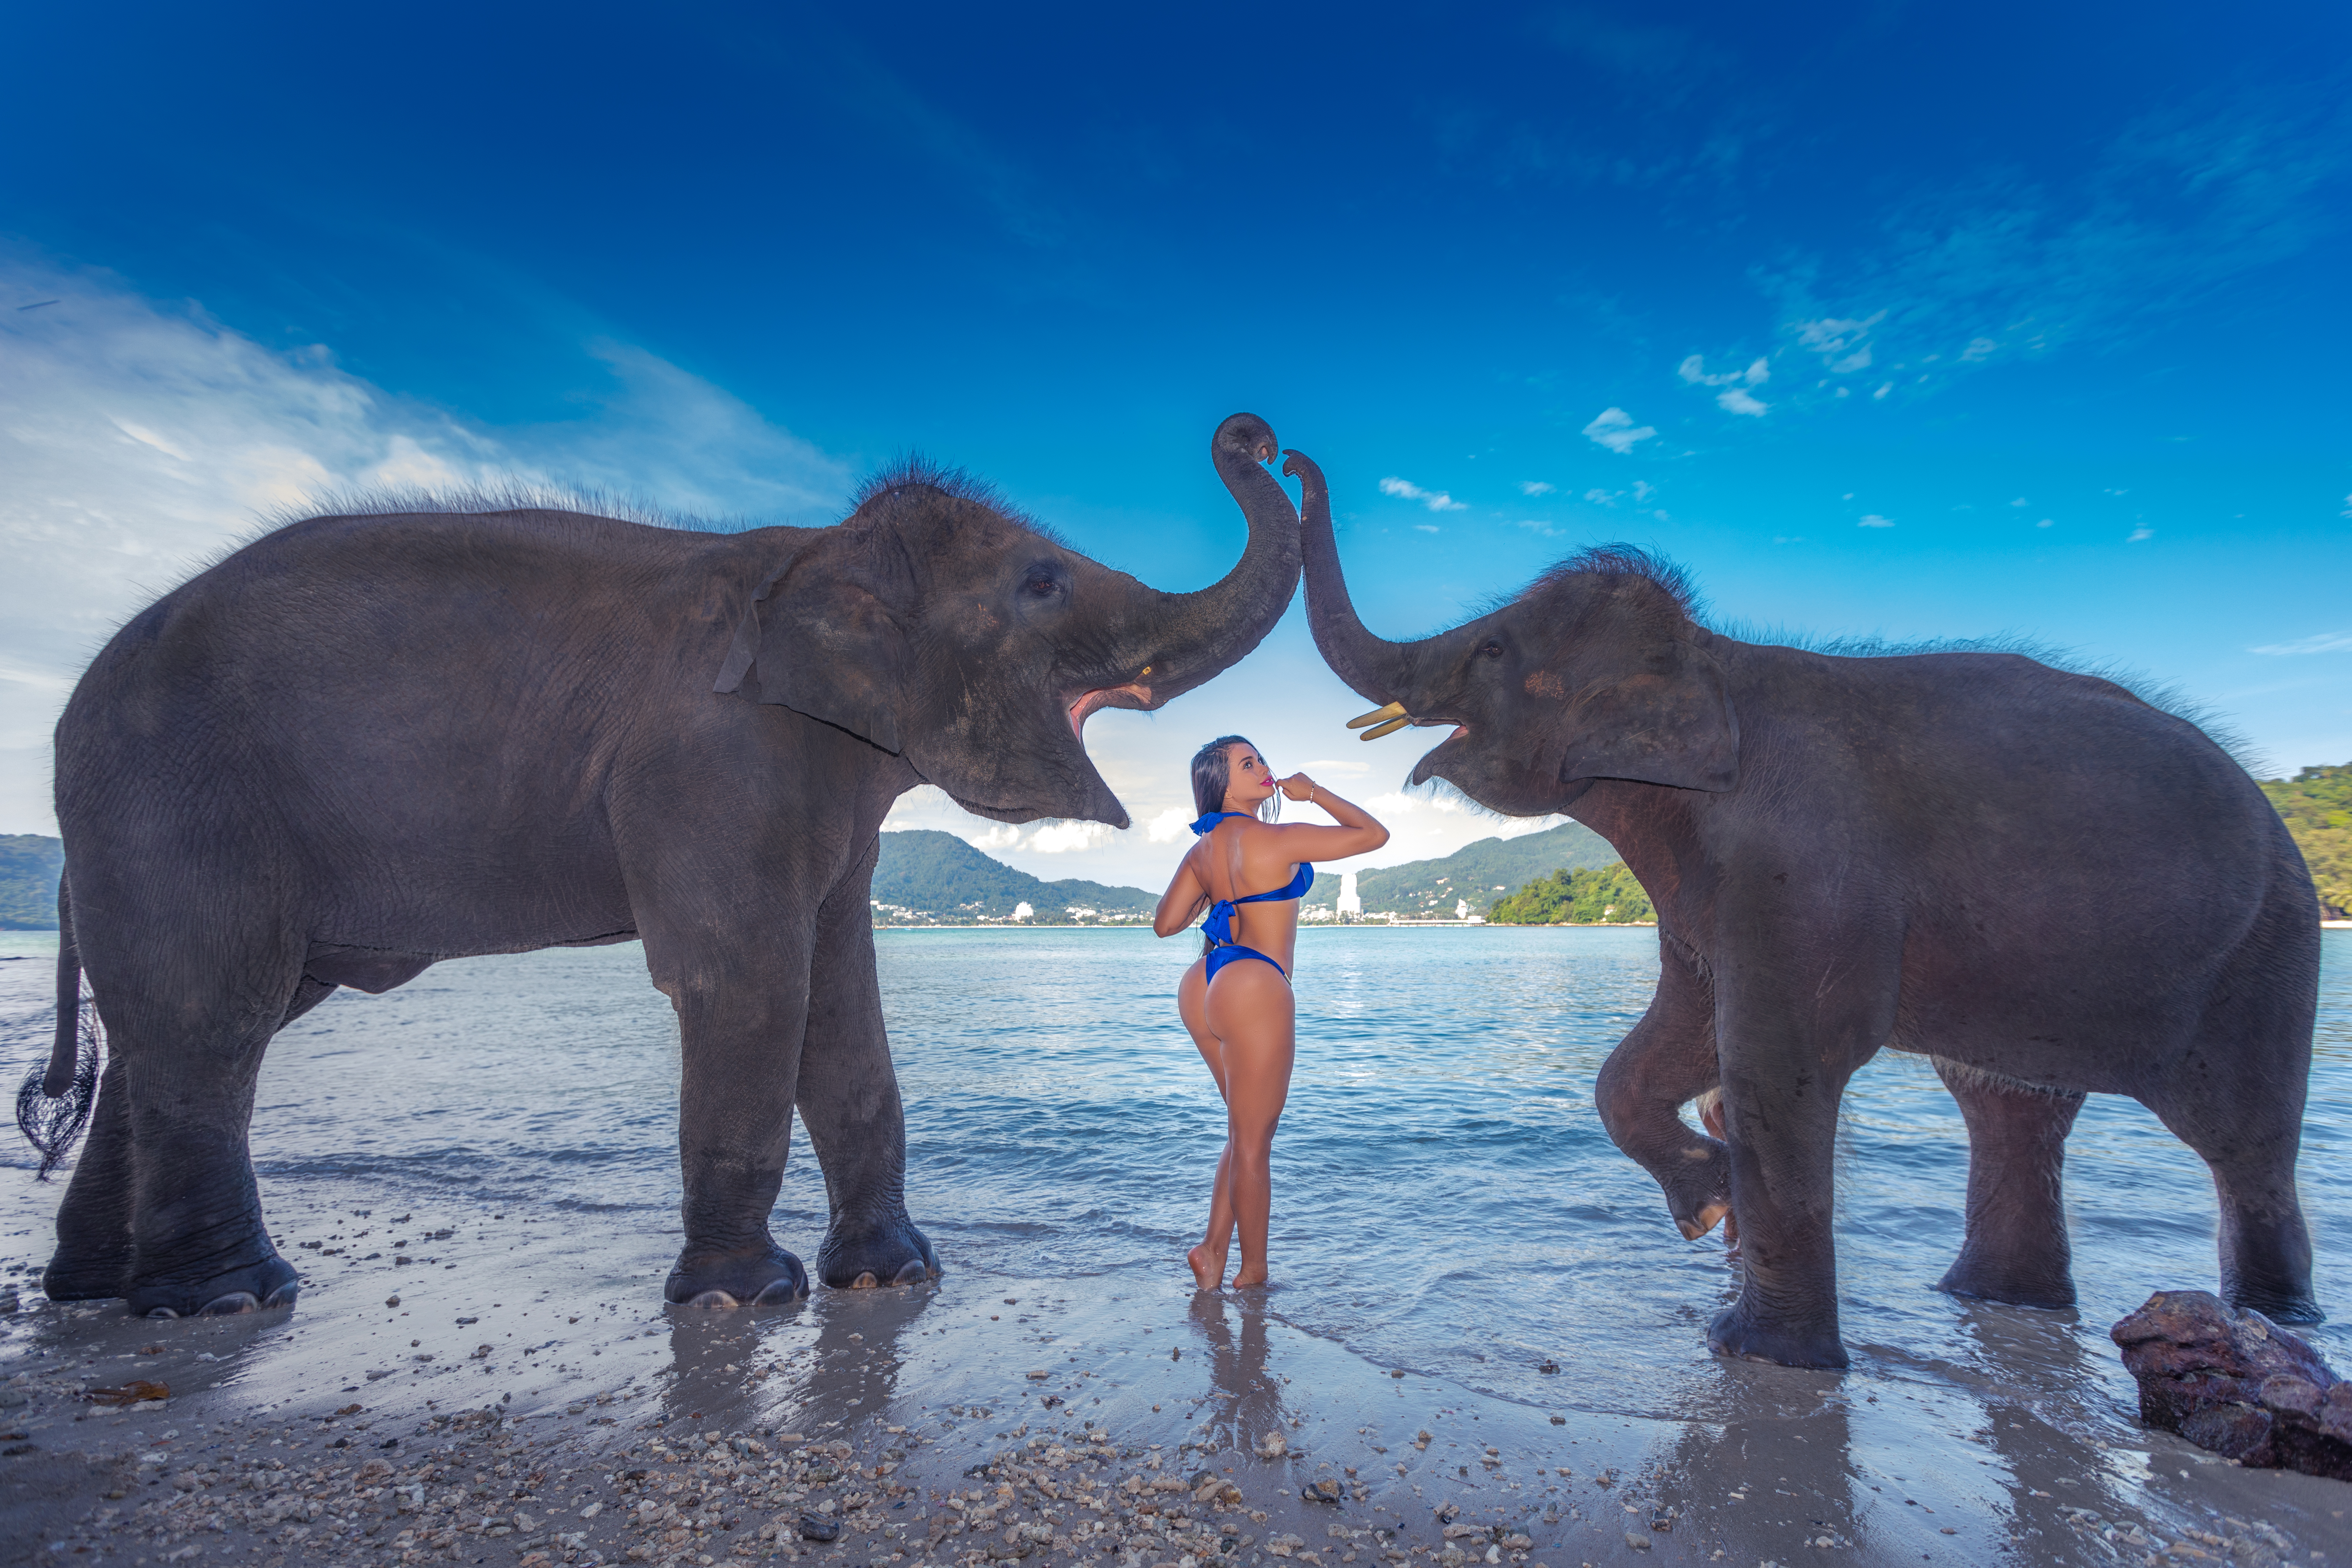 Phuket Portrait photoshoot with elephants